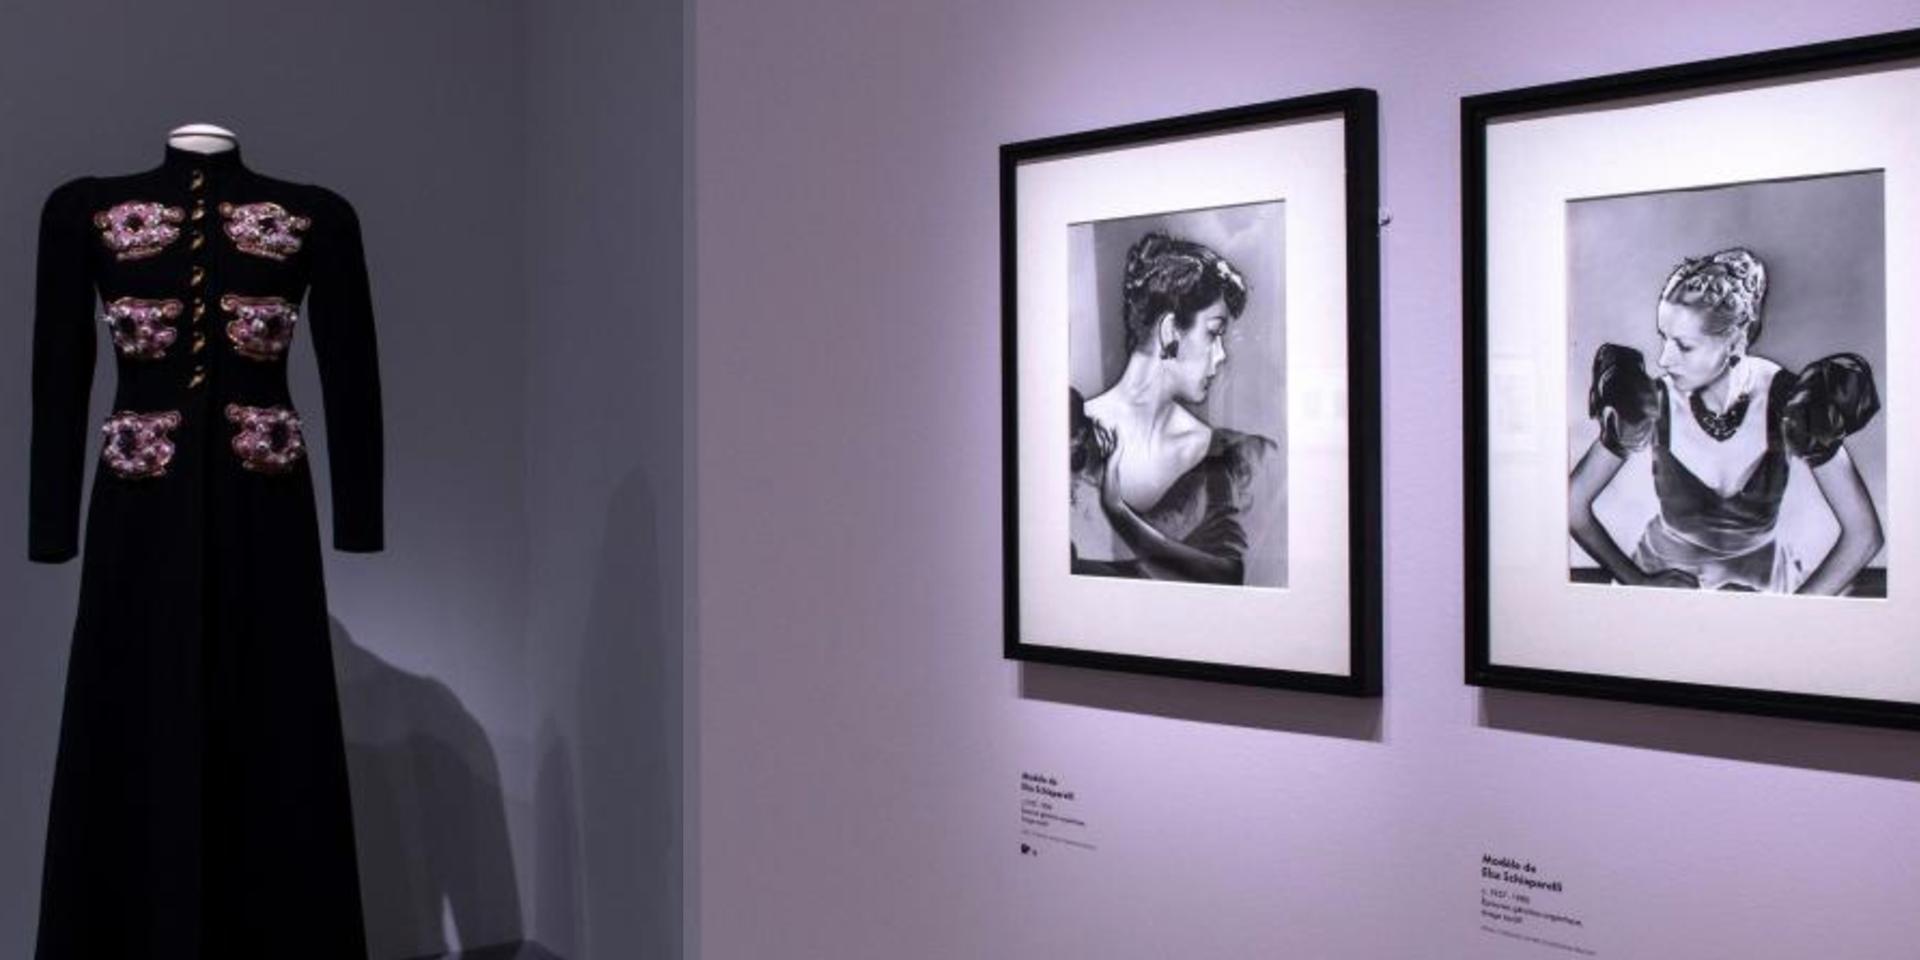 L'expo Man Ray et la mode - Musée du Luxembourg